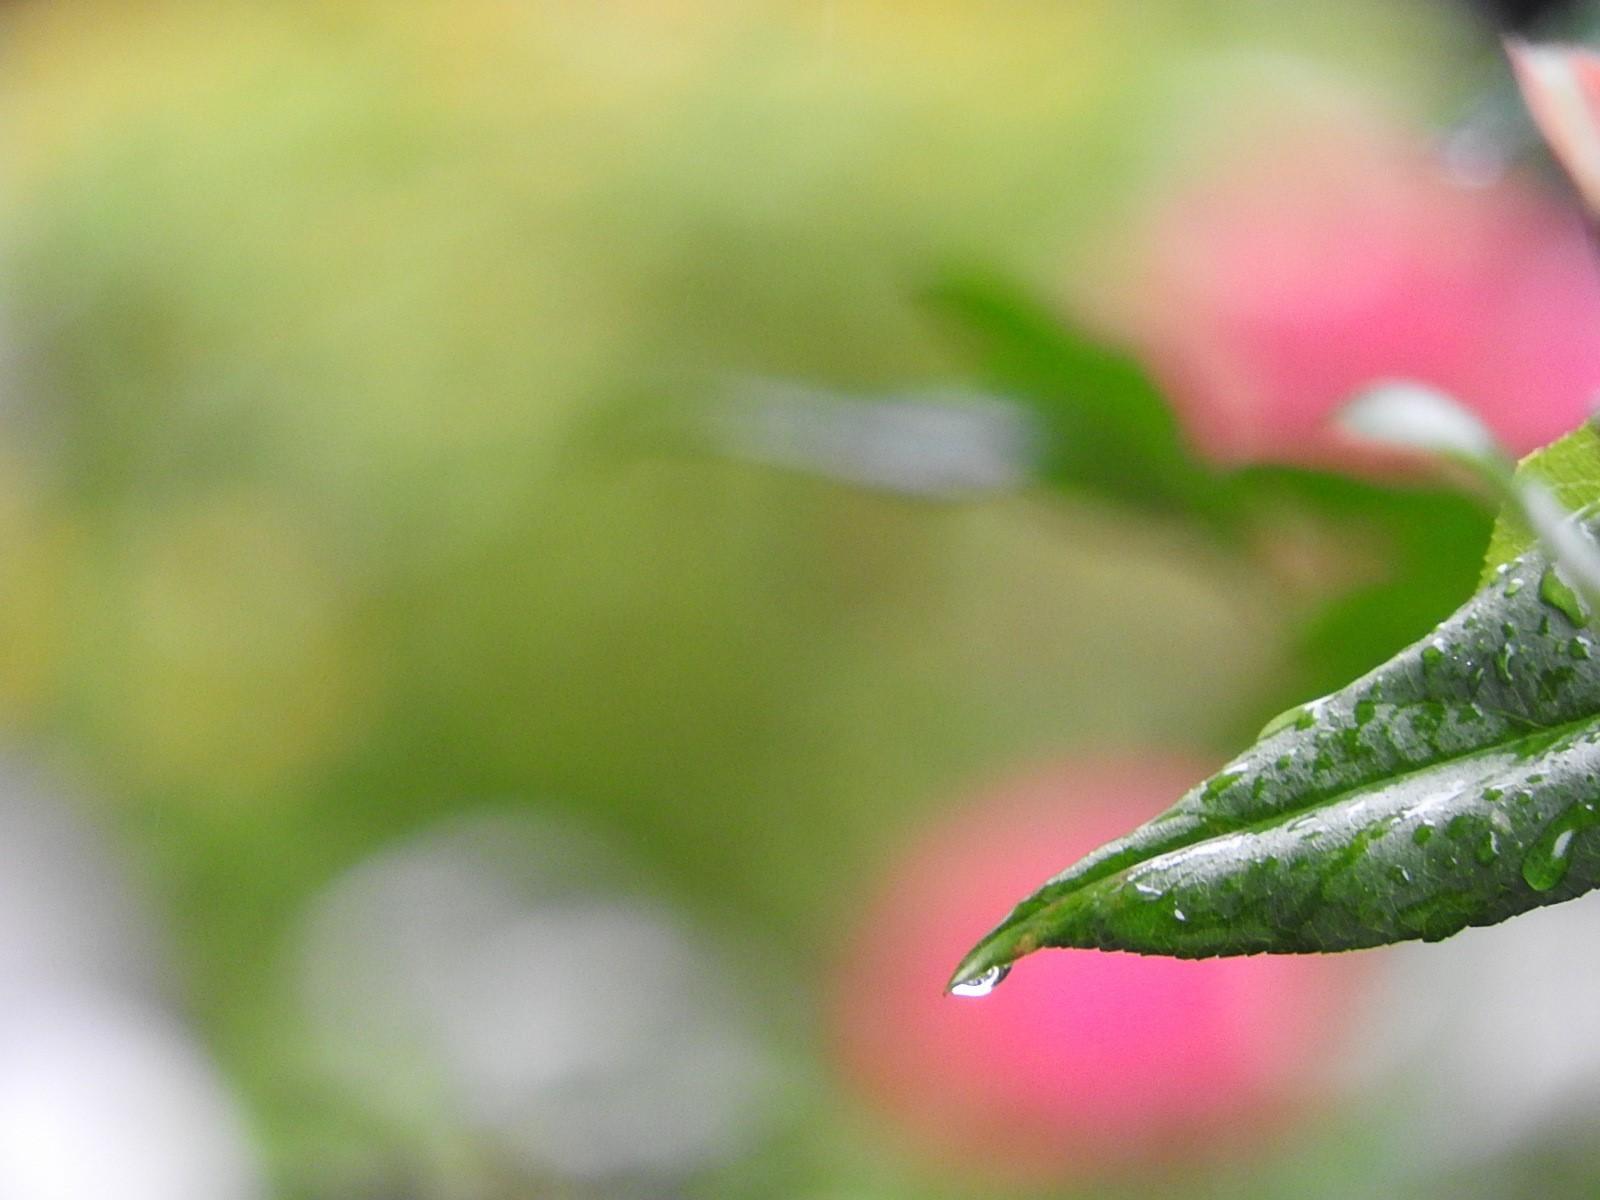 ざんざん降りの雨の中に_e0406450_09234593.jpg